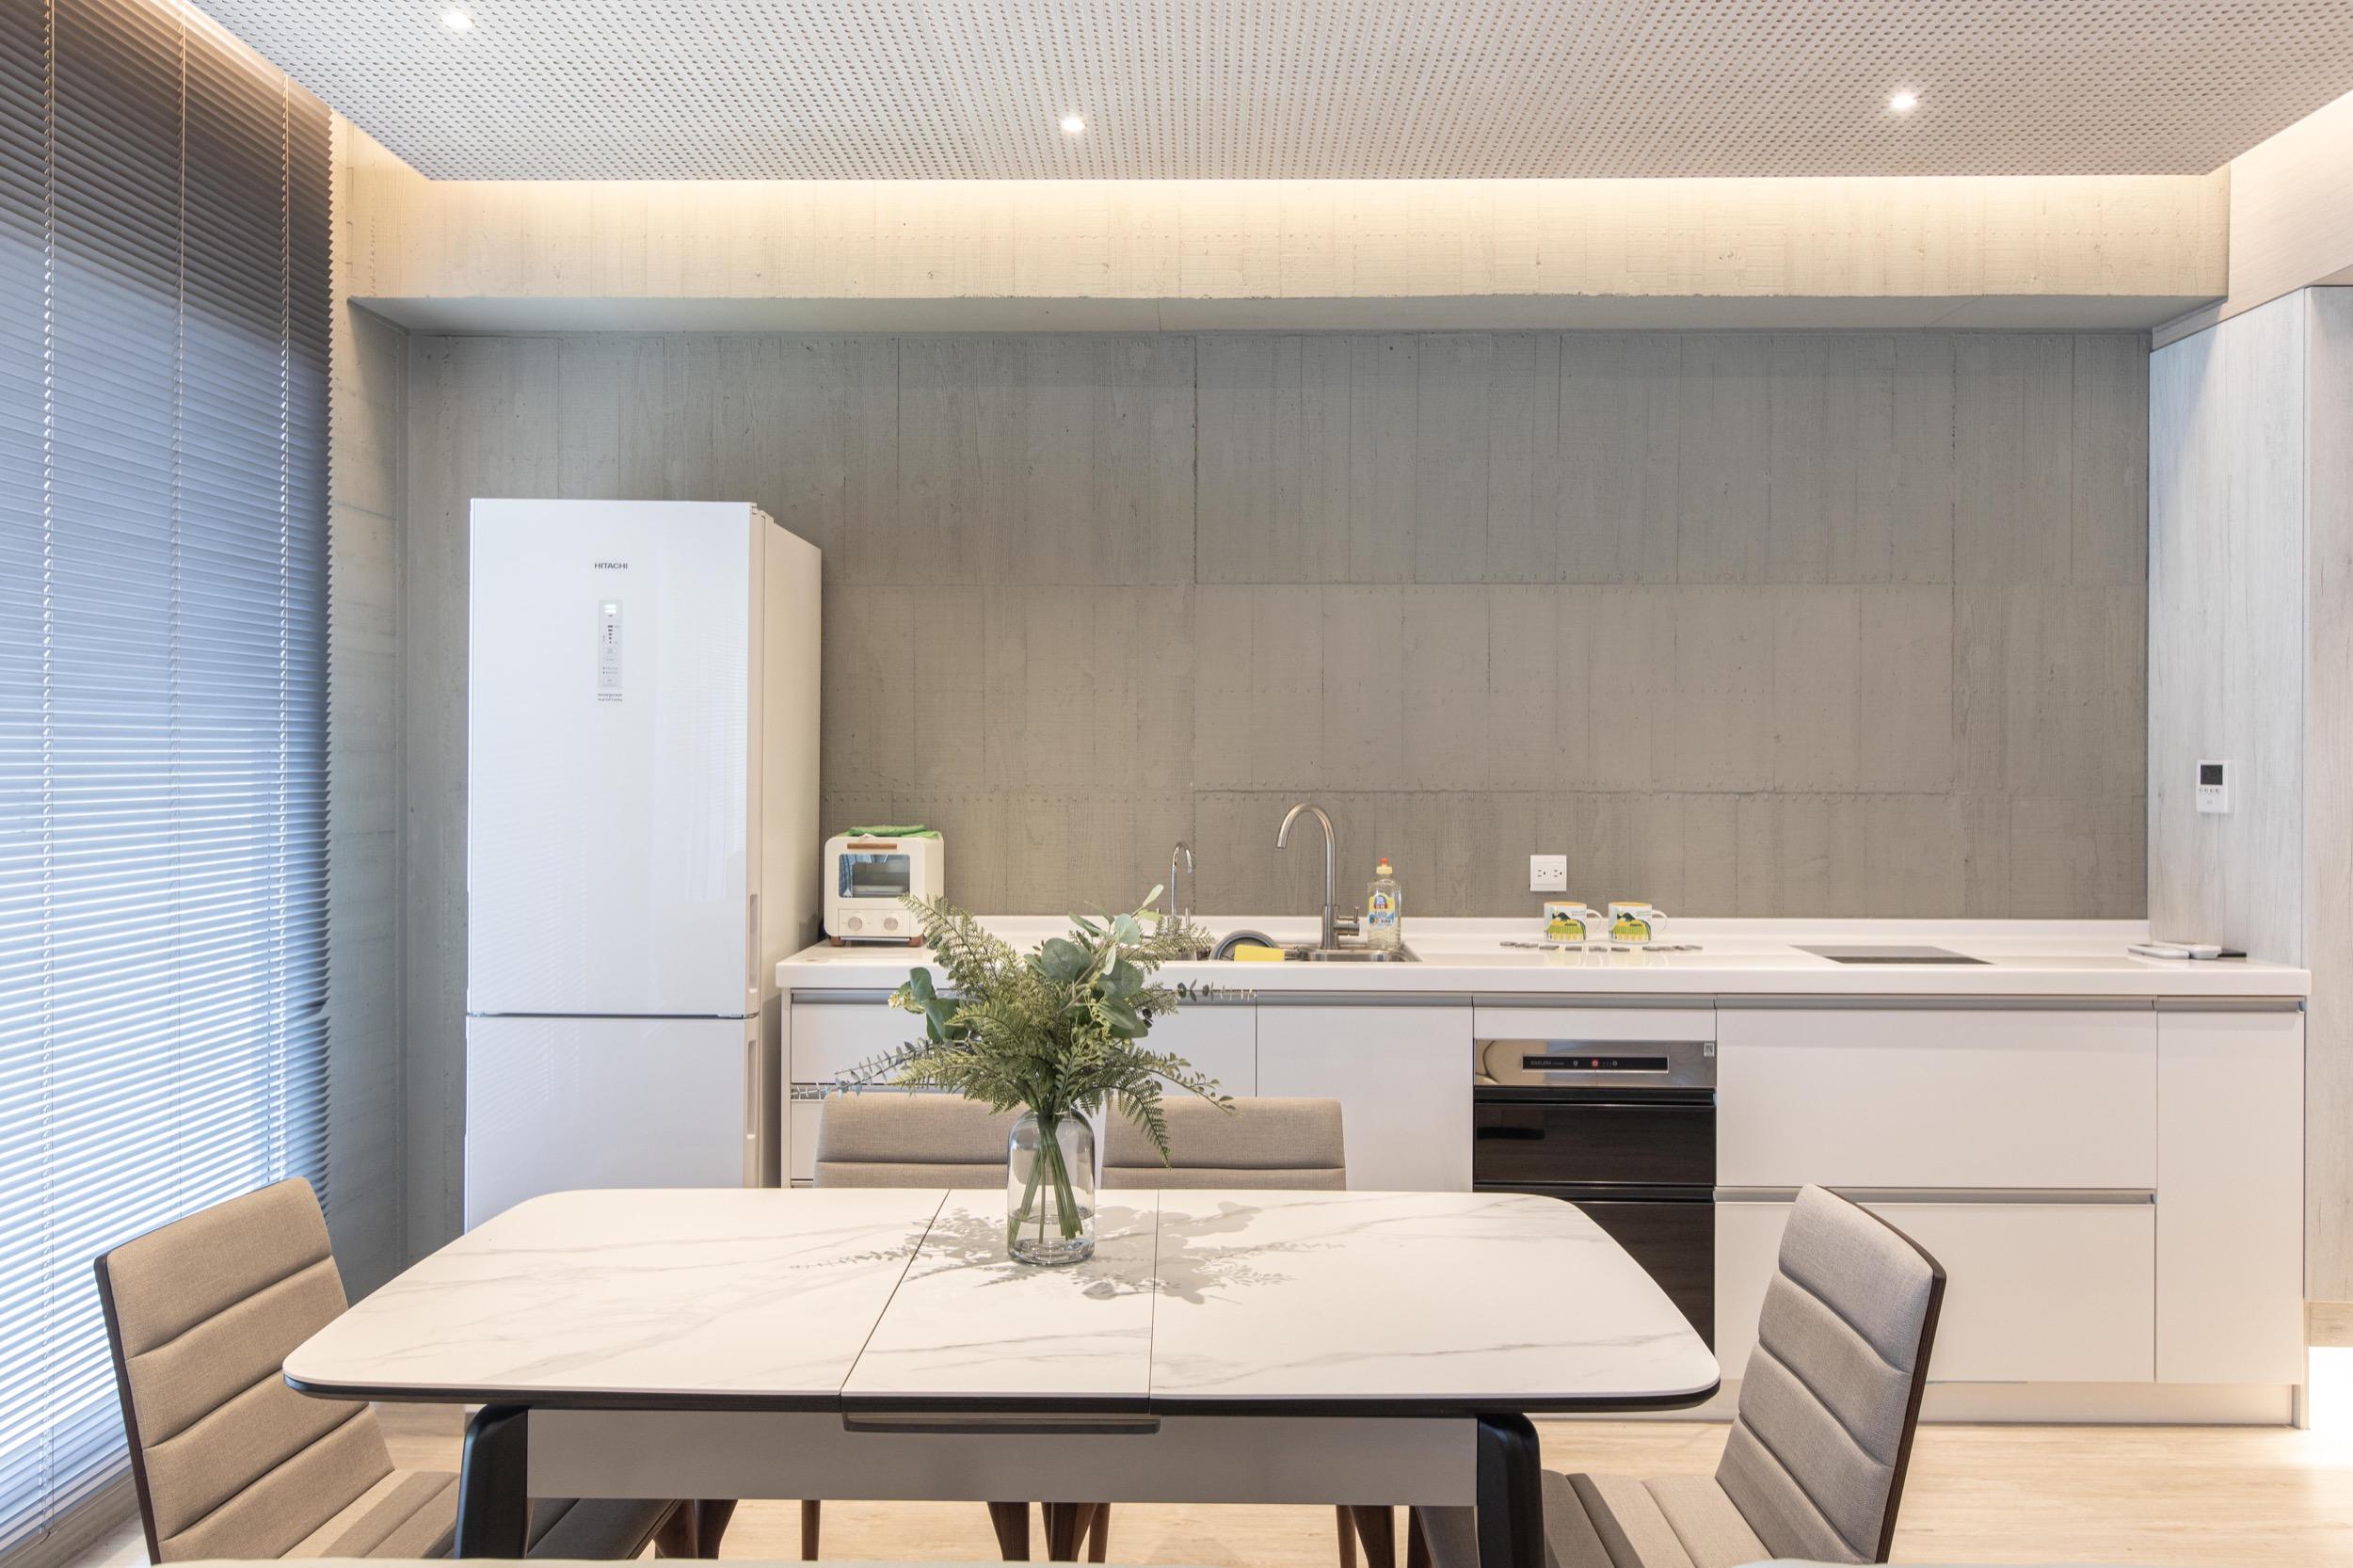 德築-DEZU-project-Zutian-architecture-real-estate-interior-renovation-34